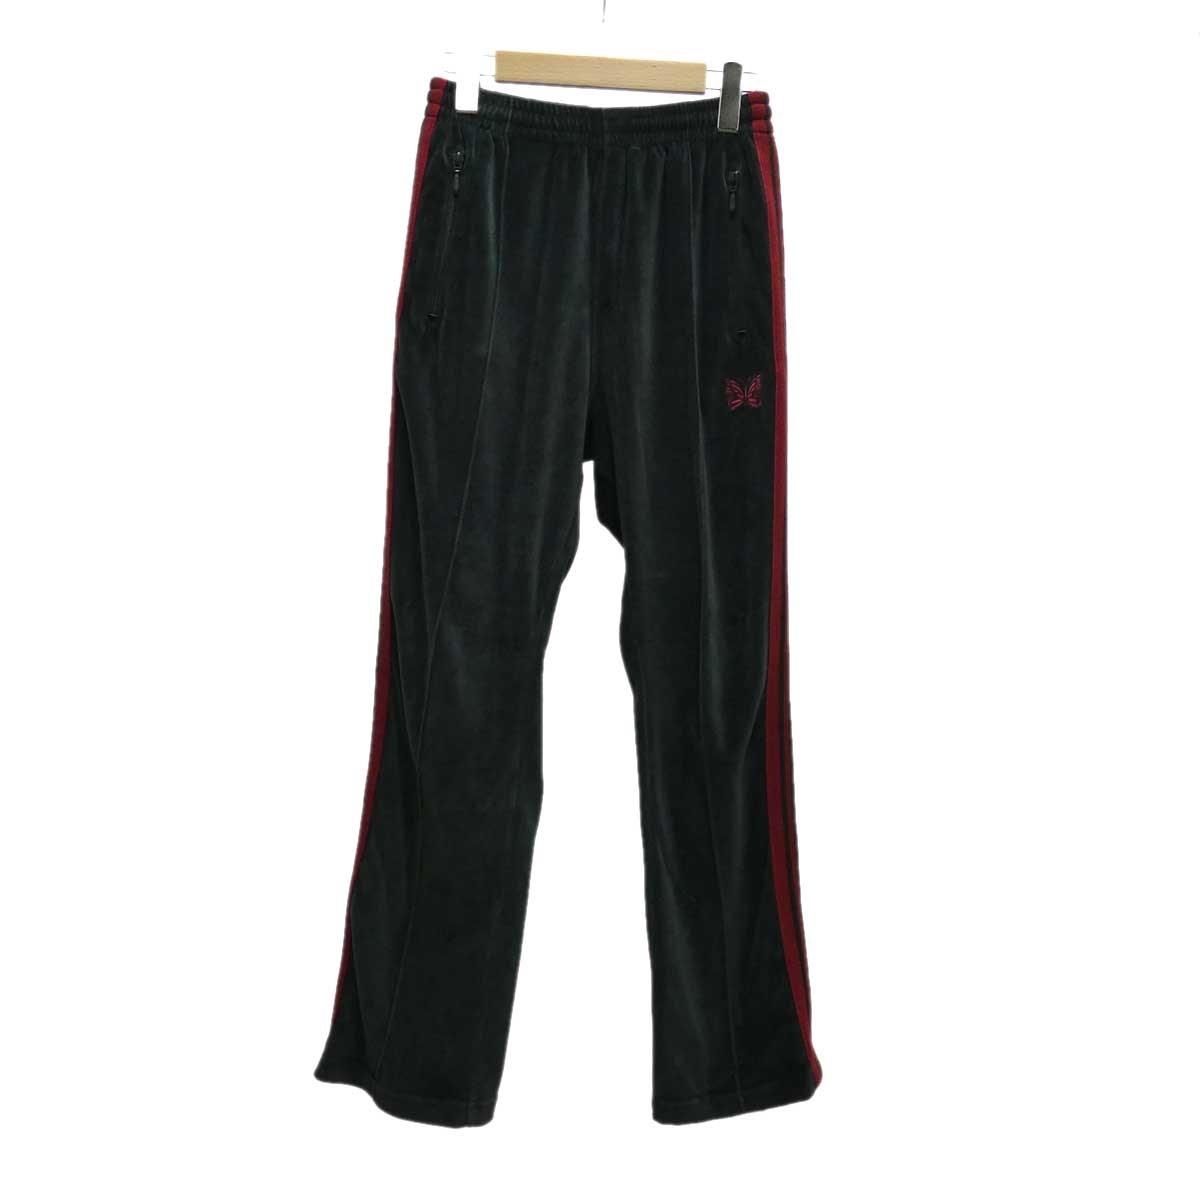 【中古】Needles Narrow Track Pants チャコールグレー サイズ:XS 【140220】(ニードルス)